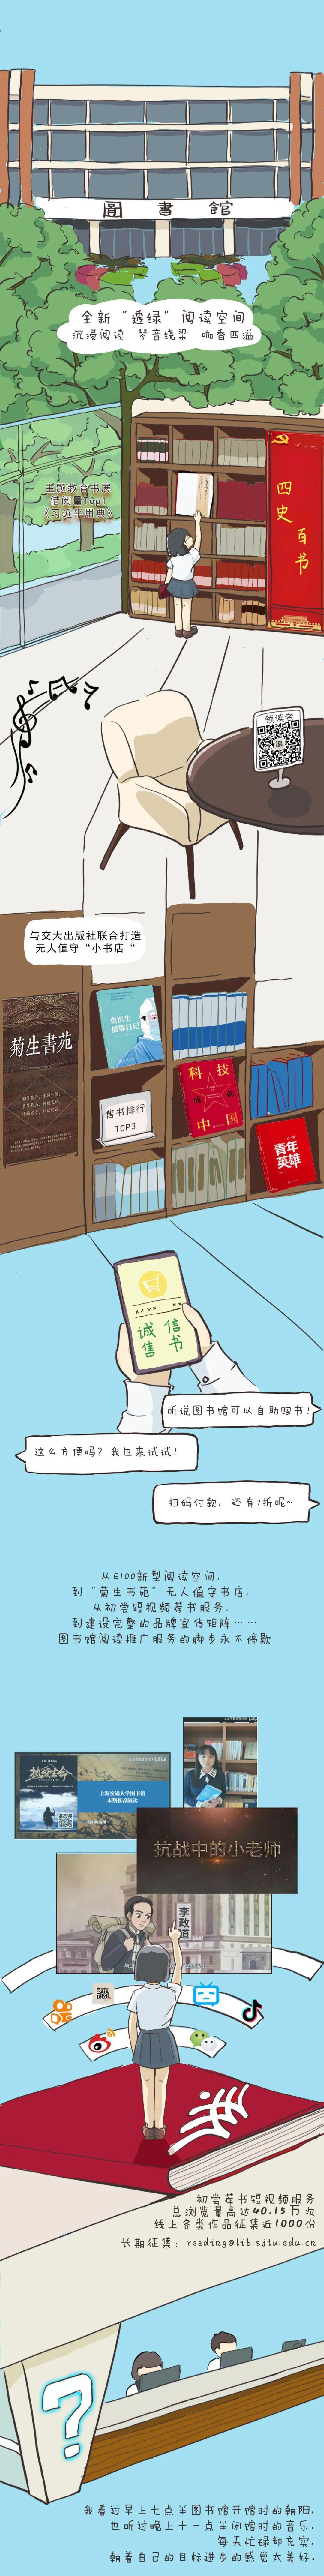 """学霸最爱看什么书?今天,交大""""2020年读者阅读状况报告""""发布!"""